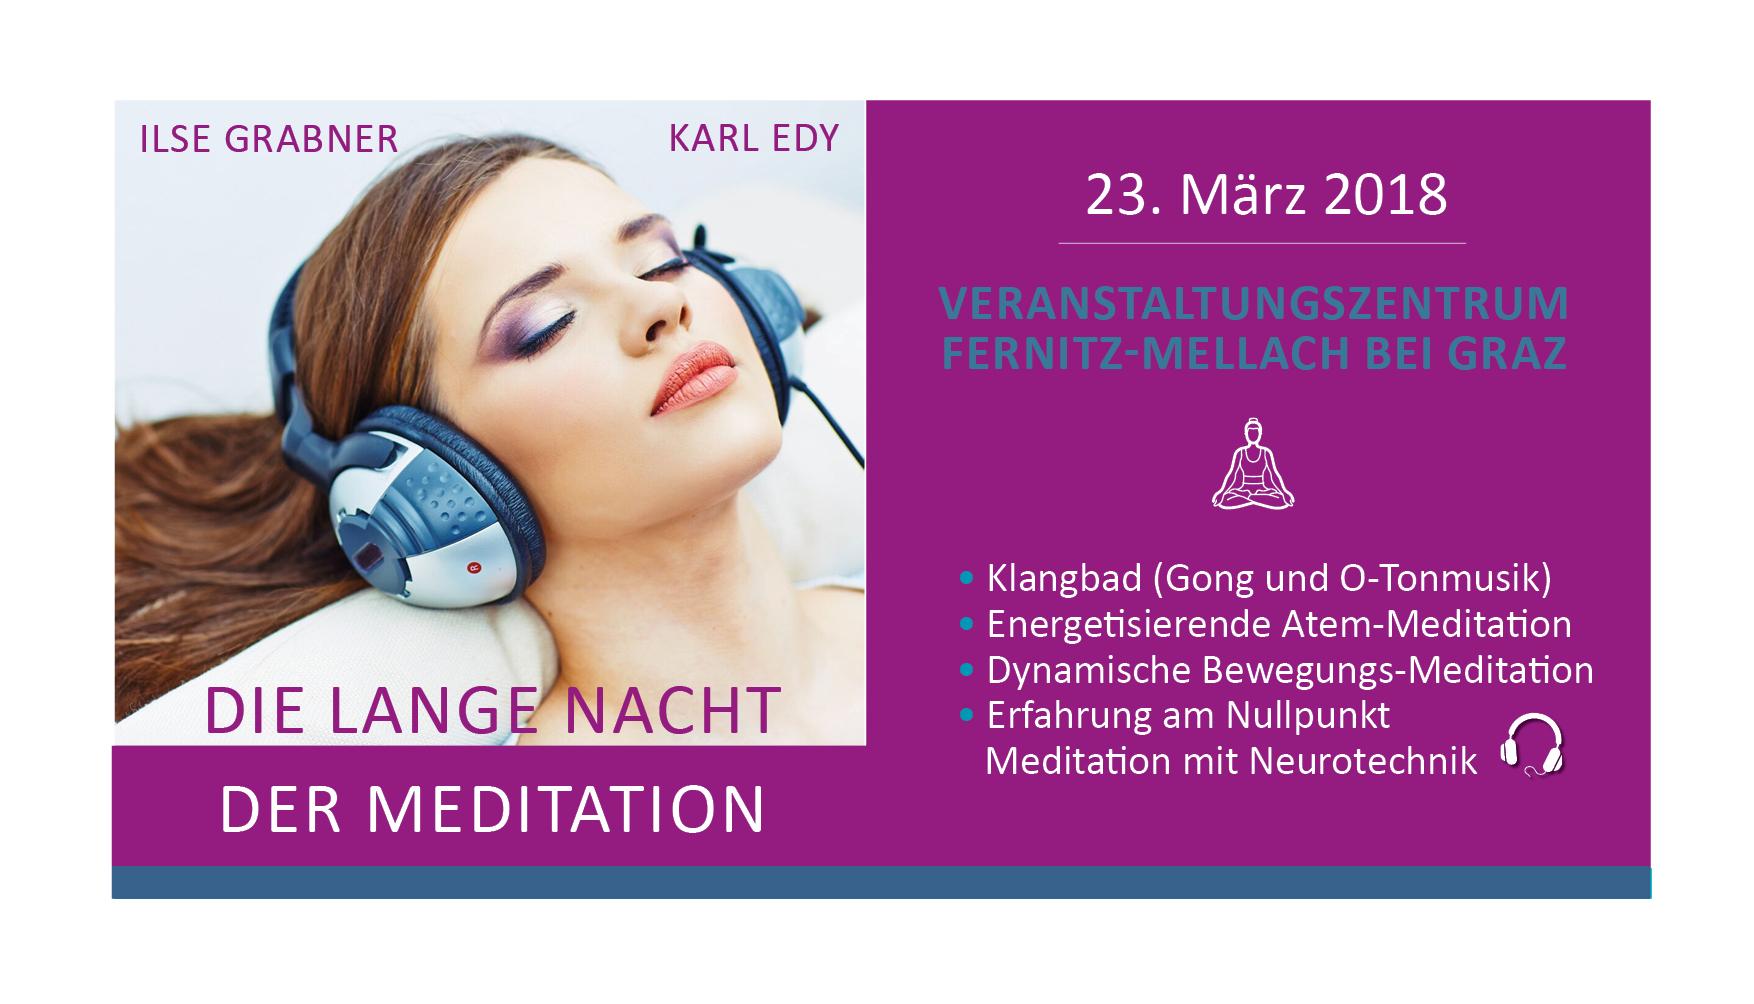 Die lange Nacht der Meditation Fernitz-Mellach bei Graz